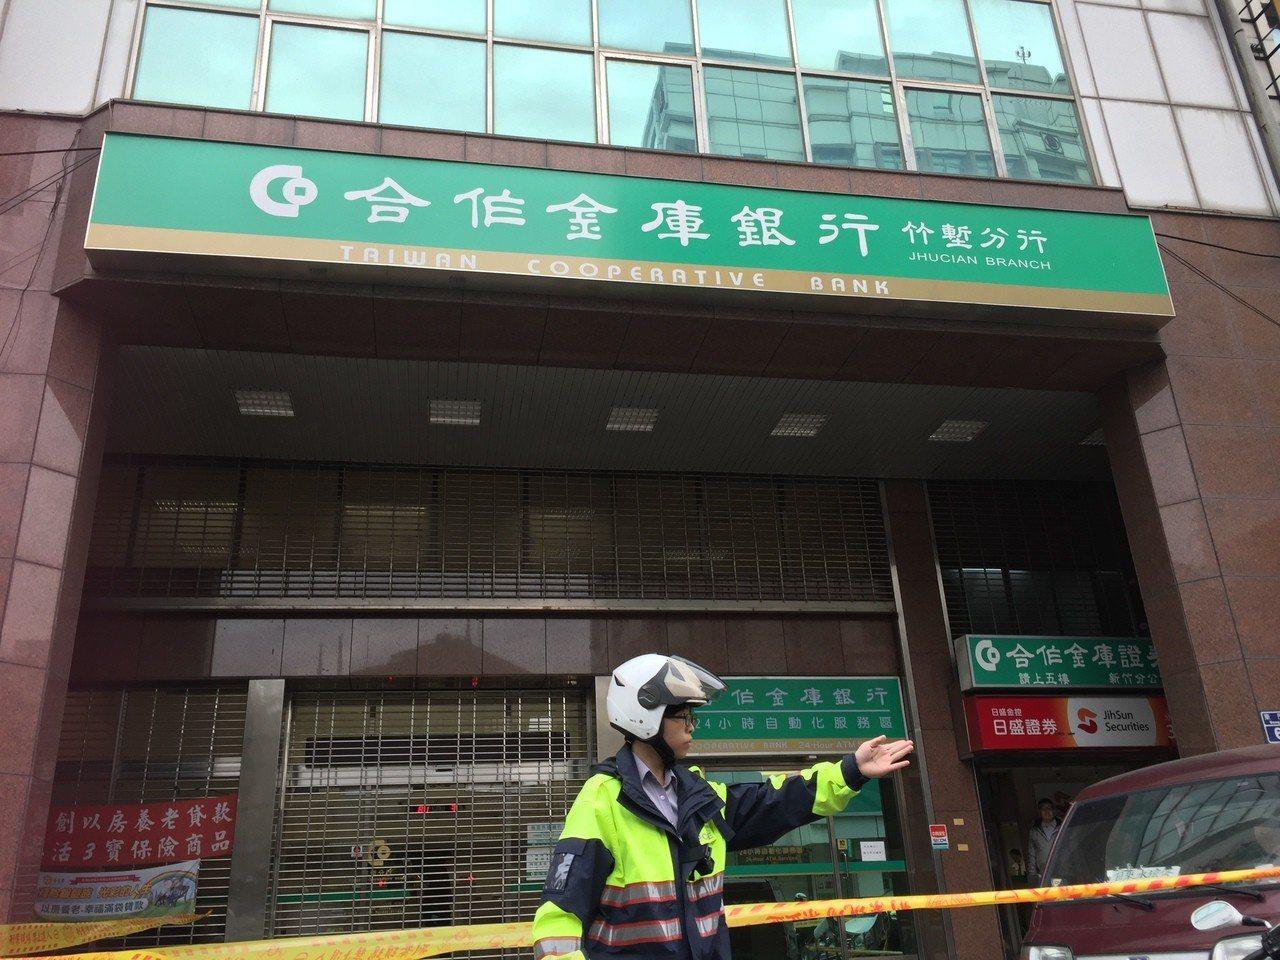 新竹合作金庫銀行竹塹分行傳出搶案,一人中槍,警方圍起封鎖線調查。 報系資料照